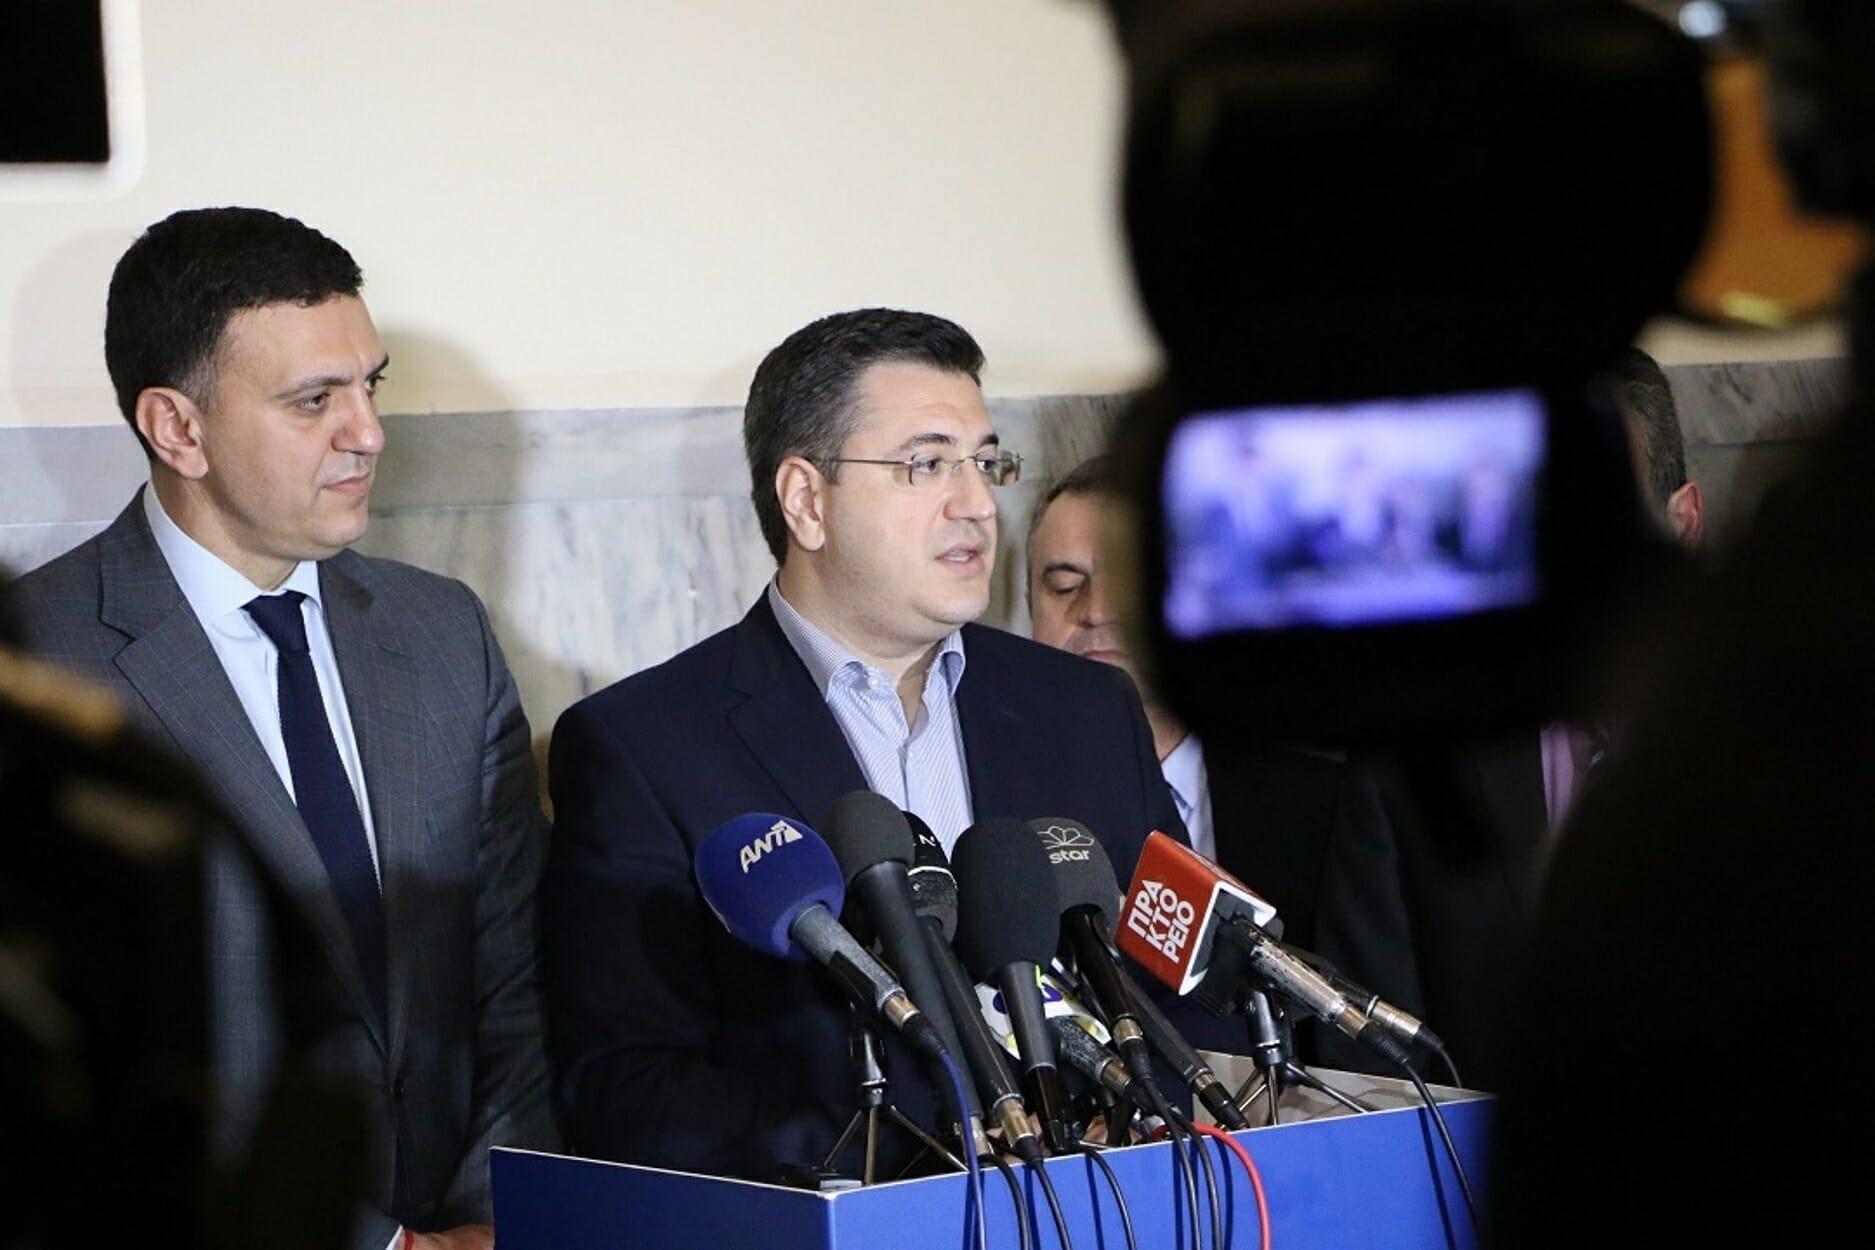 Κορονοϊός: Μήνυμα Τζιτζικώστα για ψυχραιμία μετά το πρώτο κρούσμα στη Θεσσαλονίκη